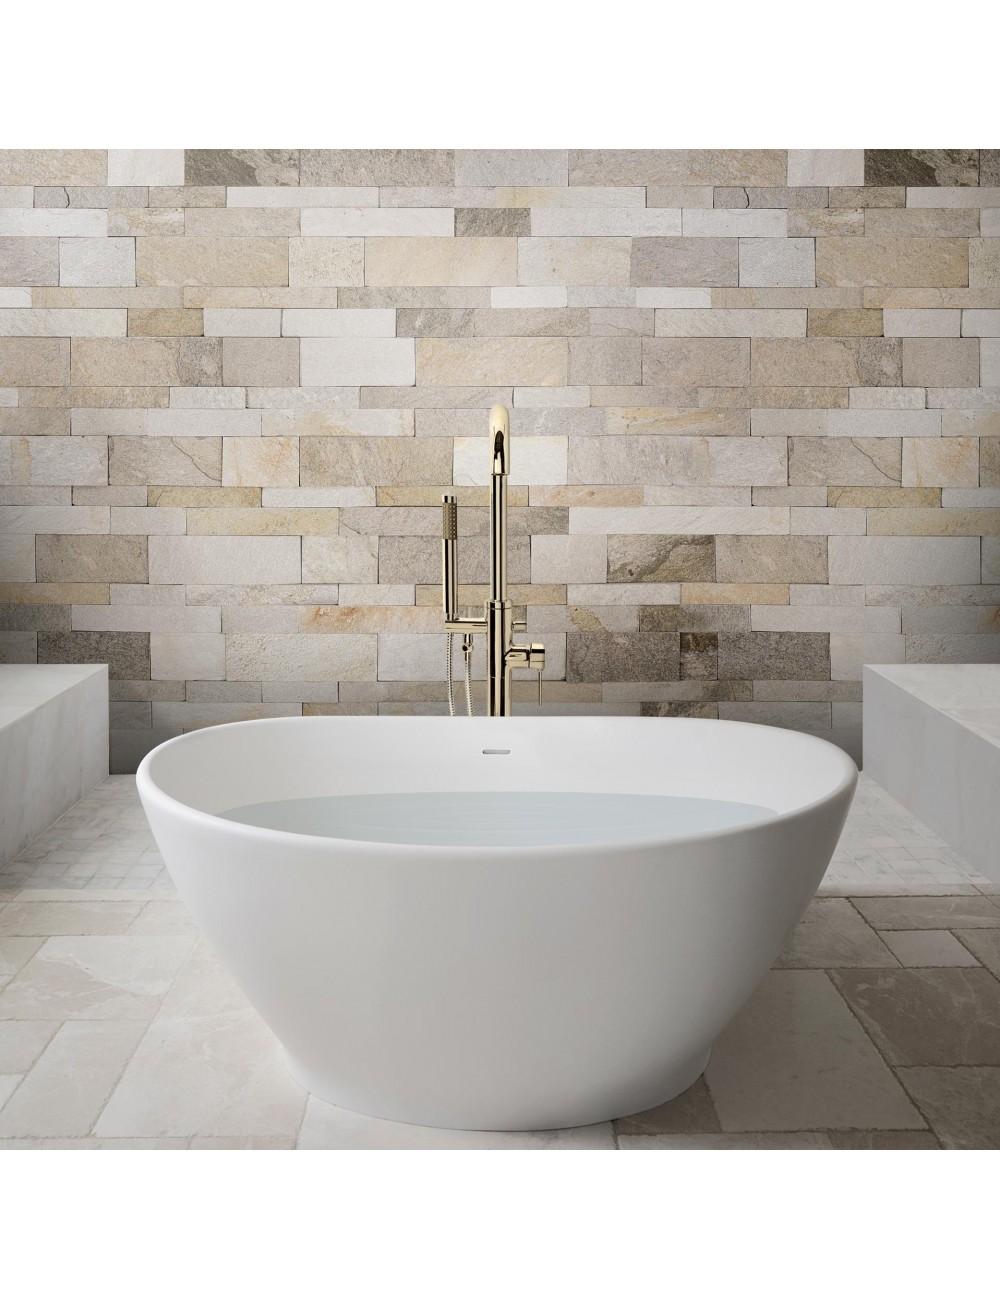 parete bagno rivestita con la pietra naturale da rivestimento van gogh maxi wide